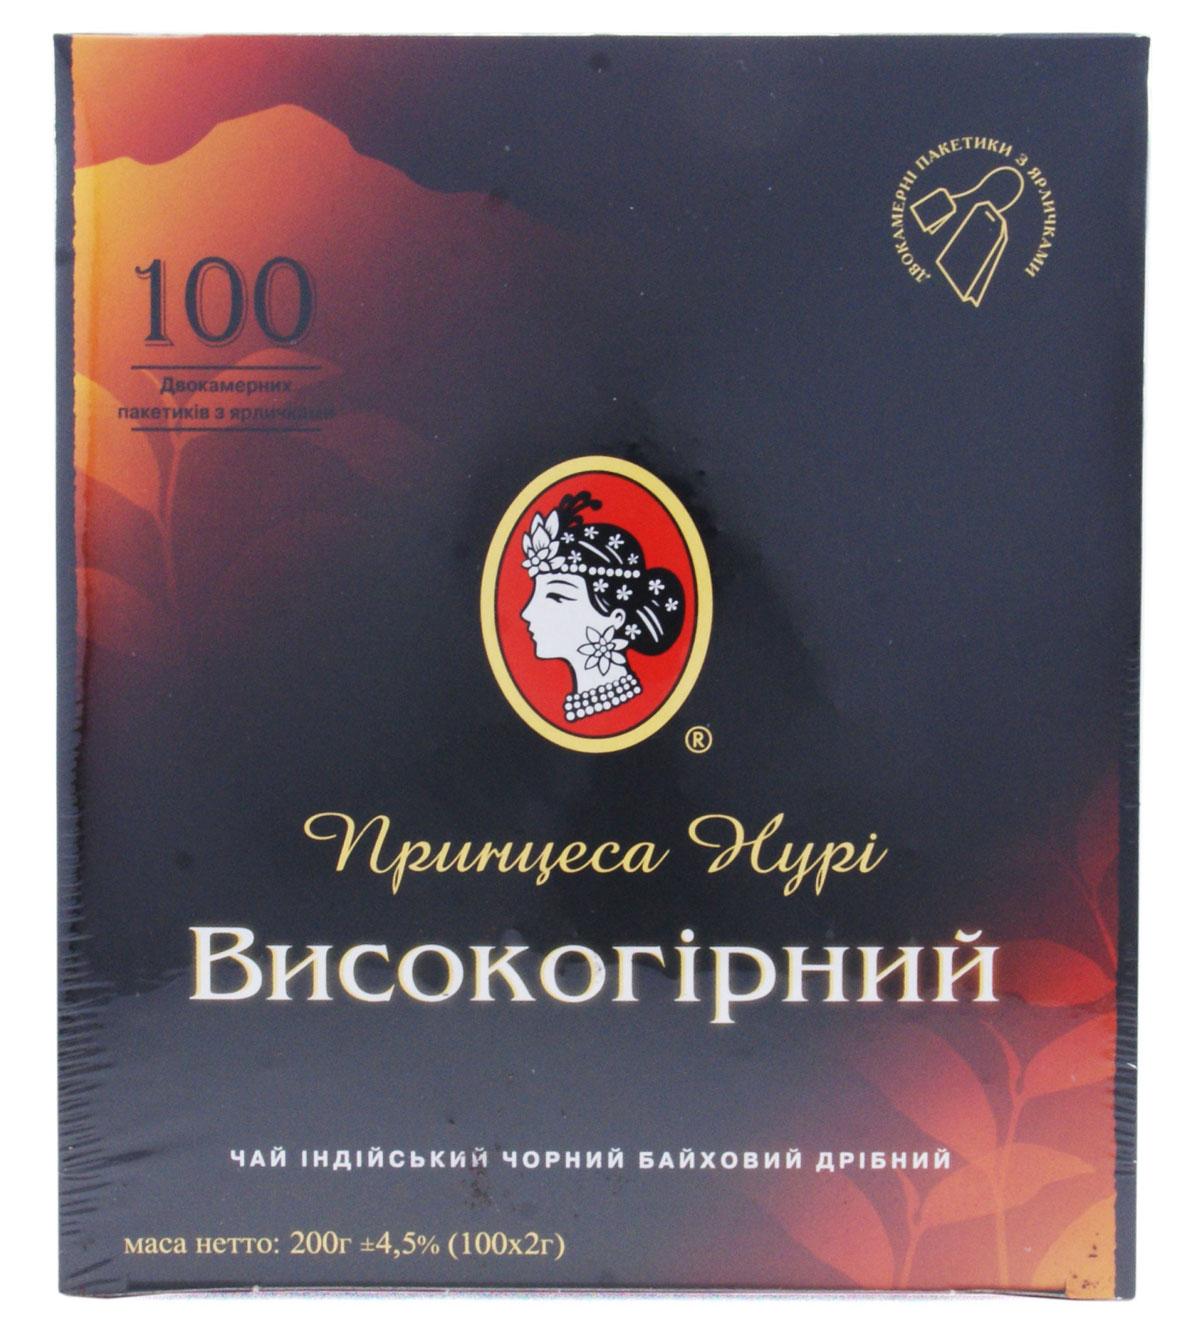 Чай черный классический Высокогорный 100пак. по 2гр. Принцесса Нури - фото 1